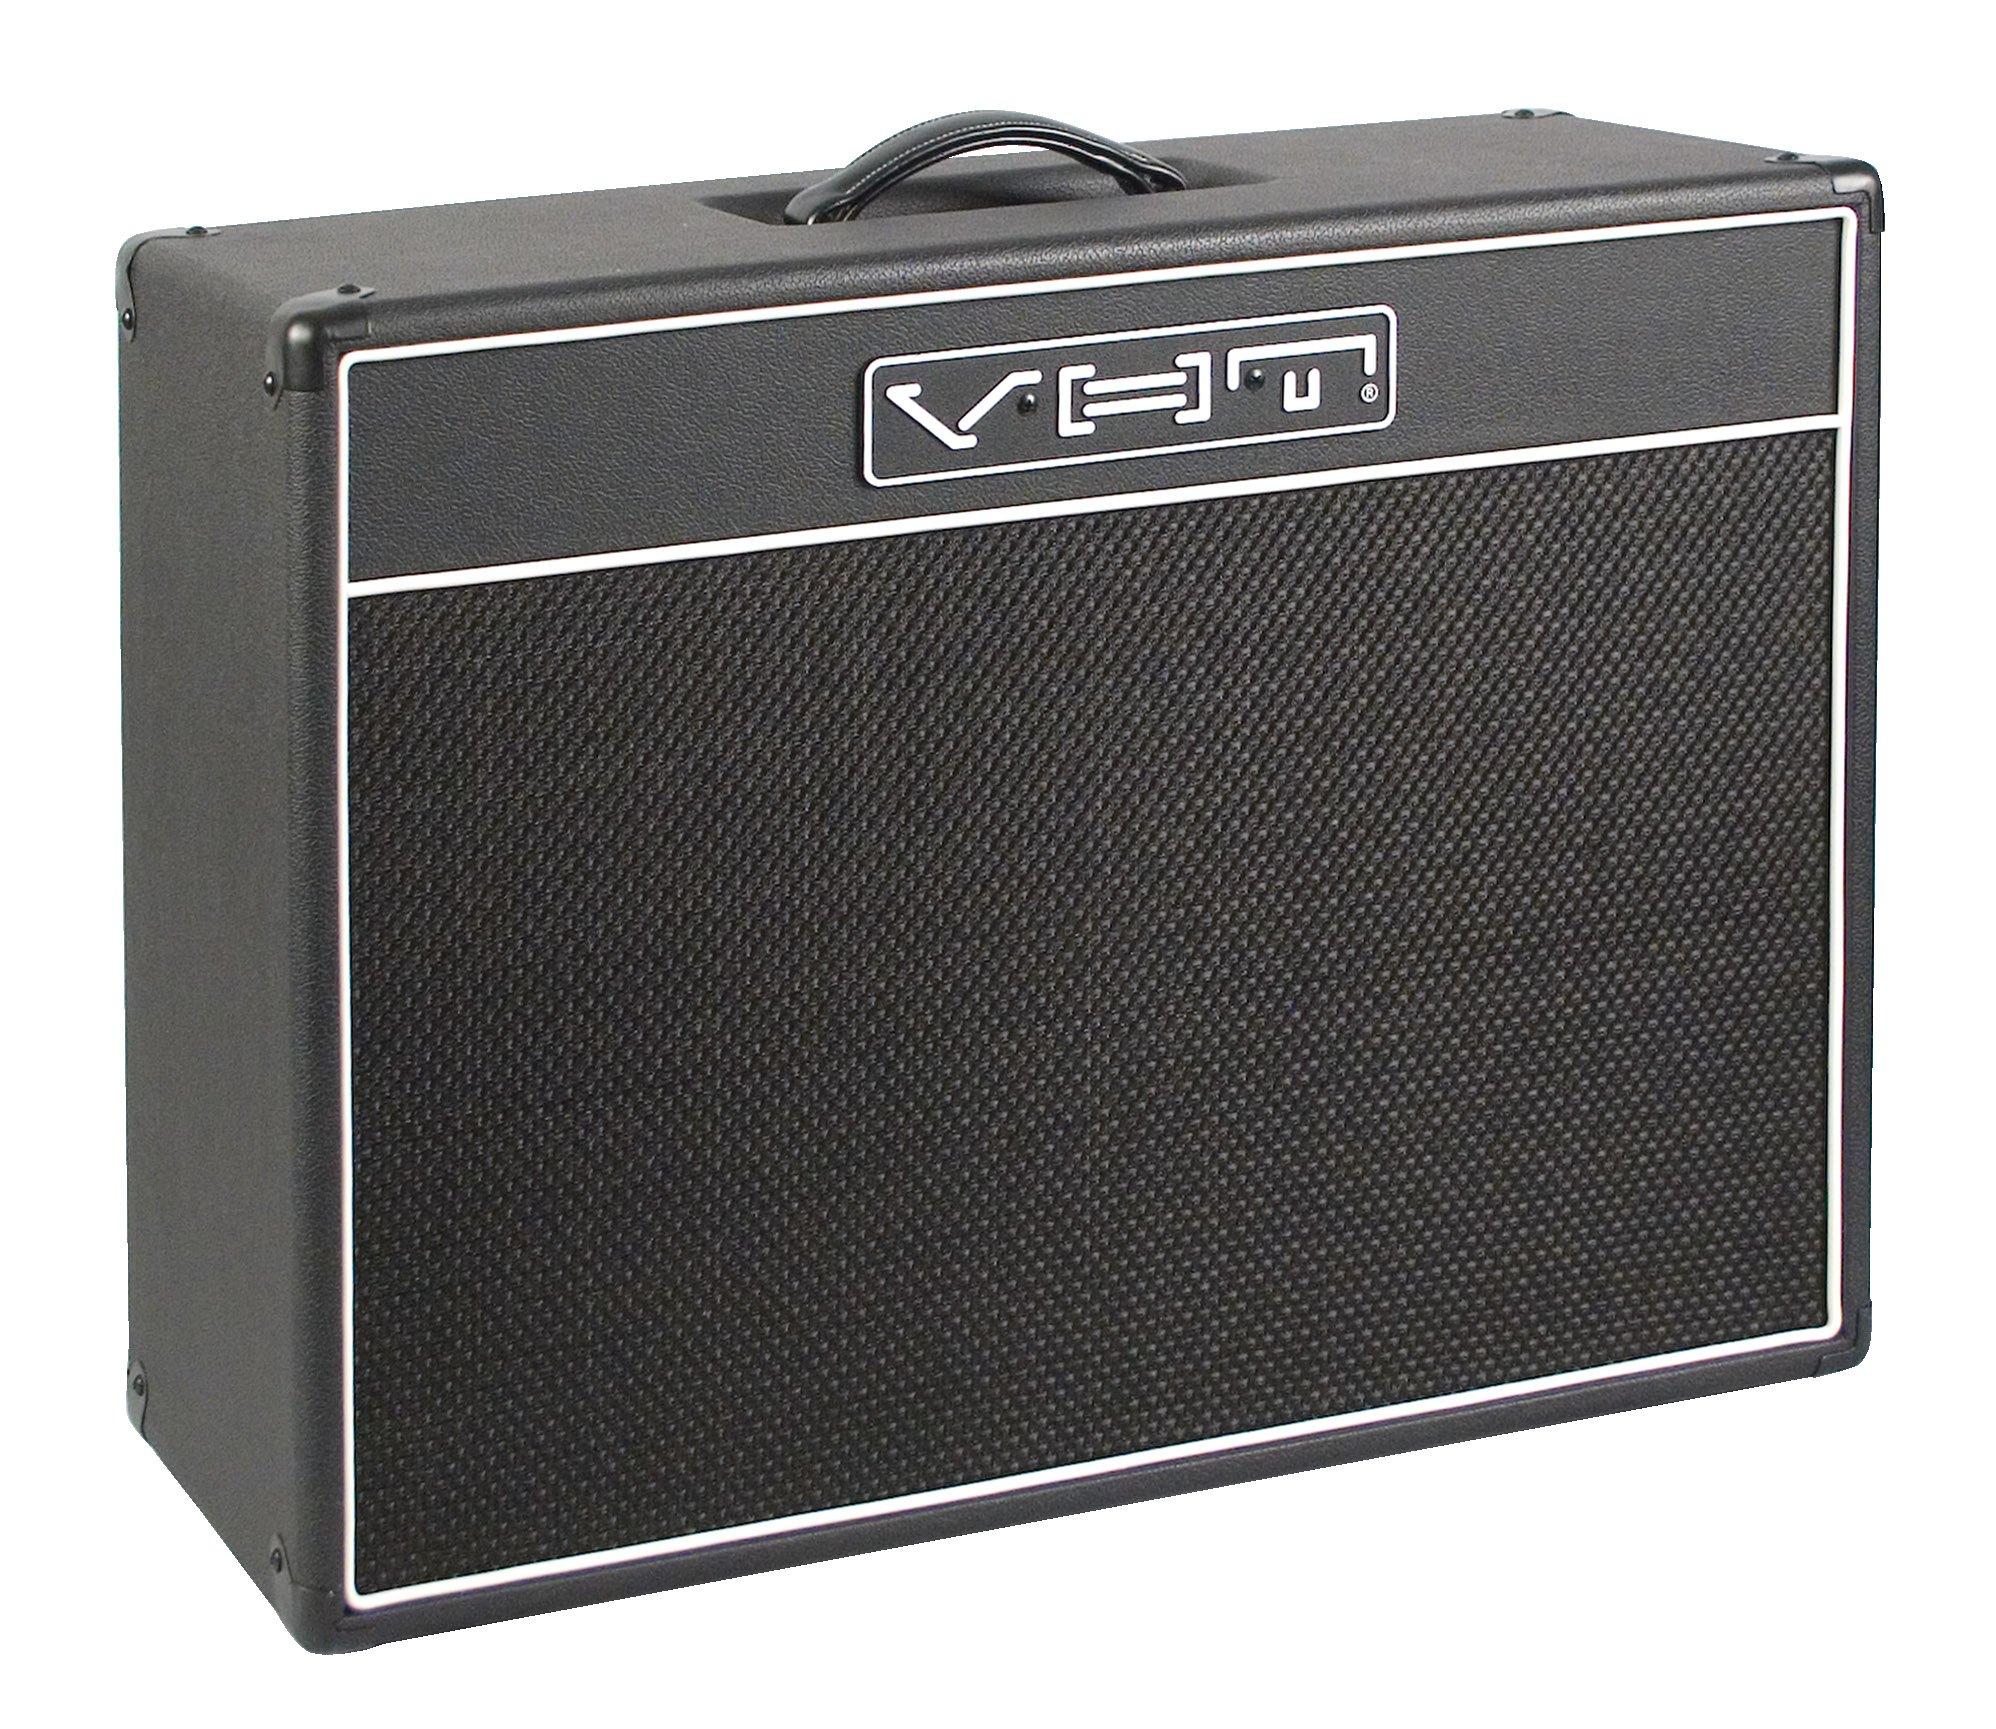 VHT AV-AL-212E Open Back 212 Speaker Cabinet, Empty